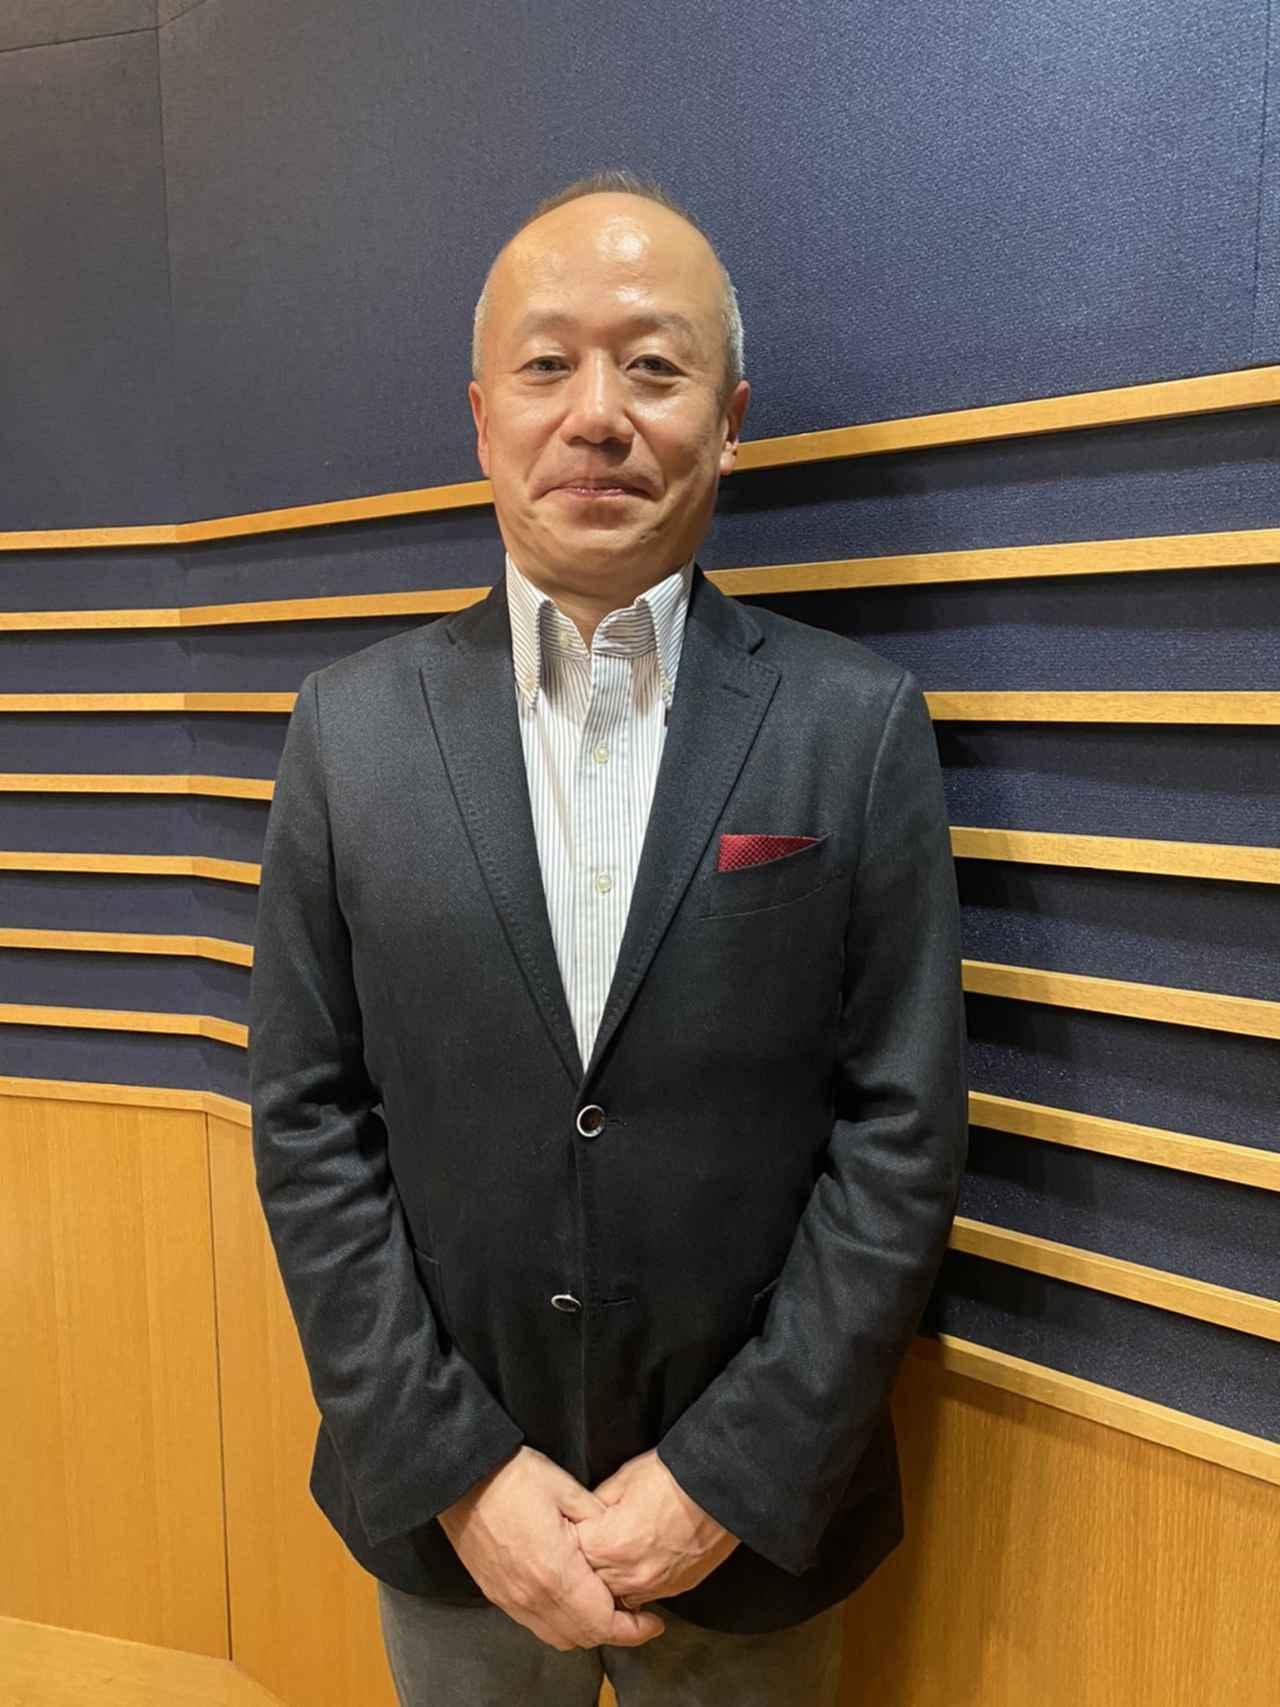 画像: 湯快リゾート株式会社 代表取締役社長 西谷浩司 氏 yukai-r.jp